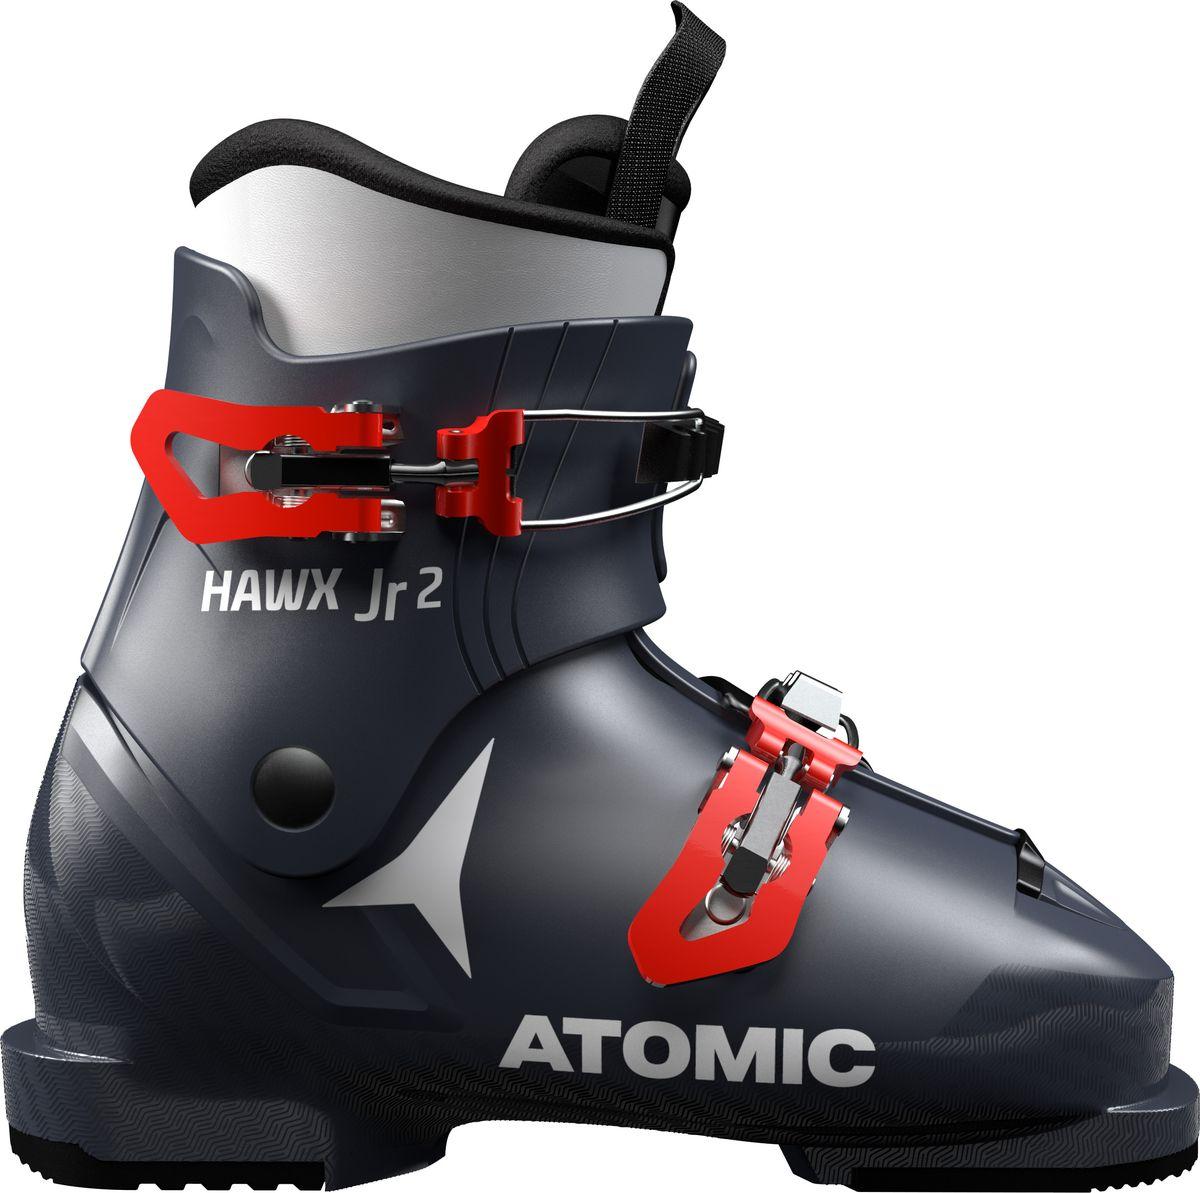 Дети уже уверенно катаются по трассе и хотят преподнести урок своим родителям? Им нужна пара ботинок Atomic Hawx Jr 4. Компактная конструкция с четырьмя пряжками обеспечит отличную фиксацию, как у ботинок для взрослых лыжников. Поскольку маленькие дети растут очень быстро и у них быстро увеличивается размер ног, ботинки комплектуются вкладками Size Adjuster, компенсирующими половину размера. Установите вкладки, пока нога у ребенка маленькая, и уберите вкладки, когда они вырастут. Как и во всех юношеских моделях, ботинки Hawx Jr 4 отличаются прогрессивной жесткостью и конструкцией голенища, обеспечивающей разные степени поддержки, от средней до сильной. Это идеальная последняя детская модель, после которой уже можно переходить на настоящие взрослые ботинки.Внутренний ботинок BronzeКлипса из поликарбоната + макрорегулировкаМодель для детей и подростковВес 1270 г. для размера 24/24.5